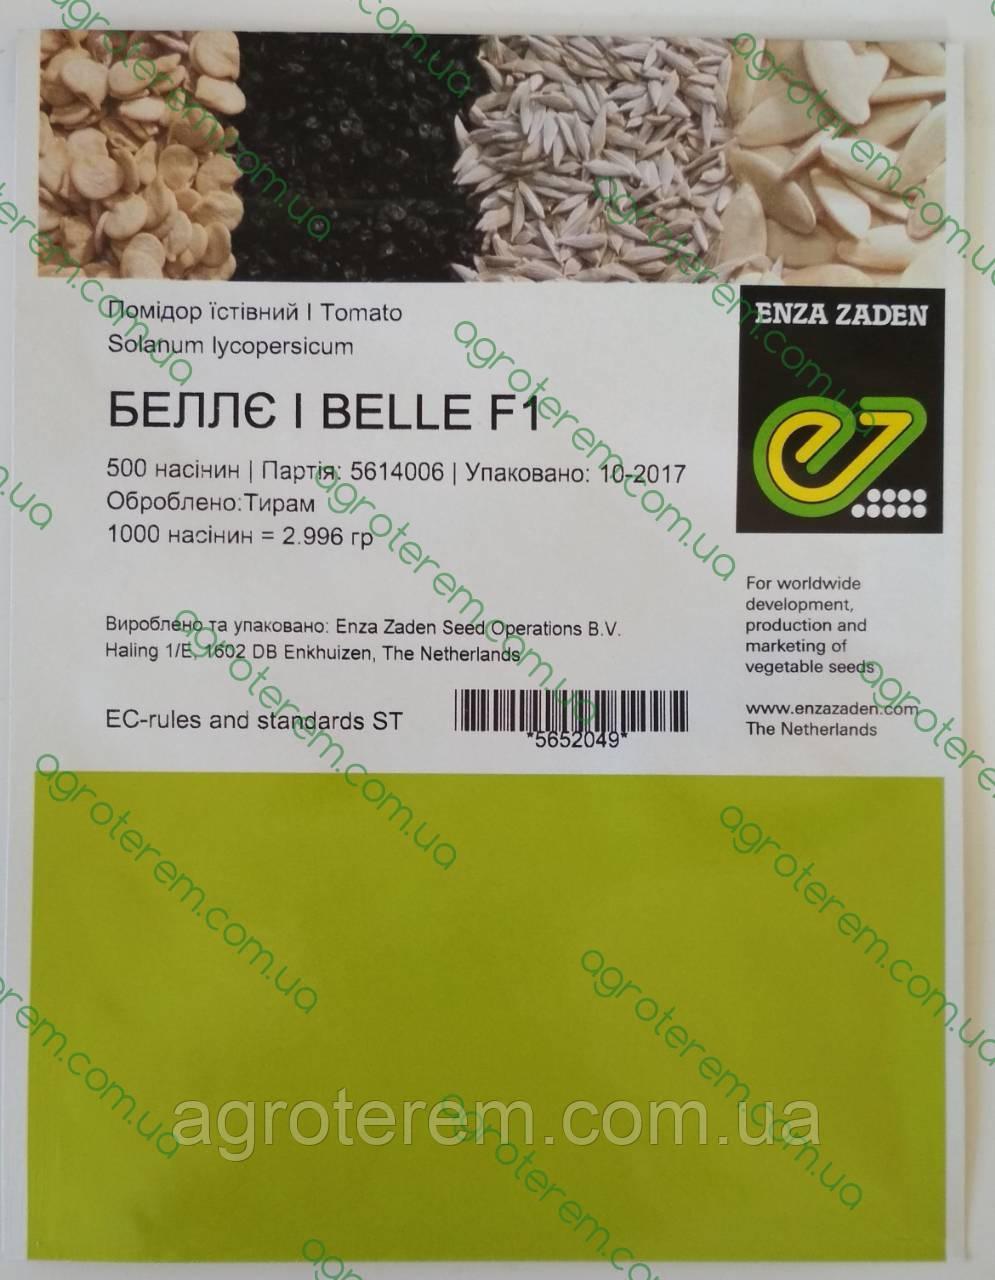 Семена томата Белле F1 (Belle F1) 500 с(Беле)